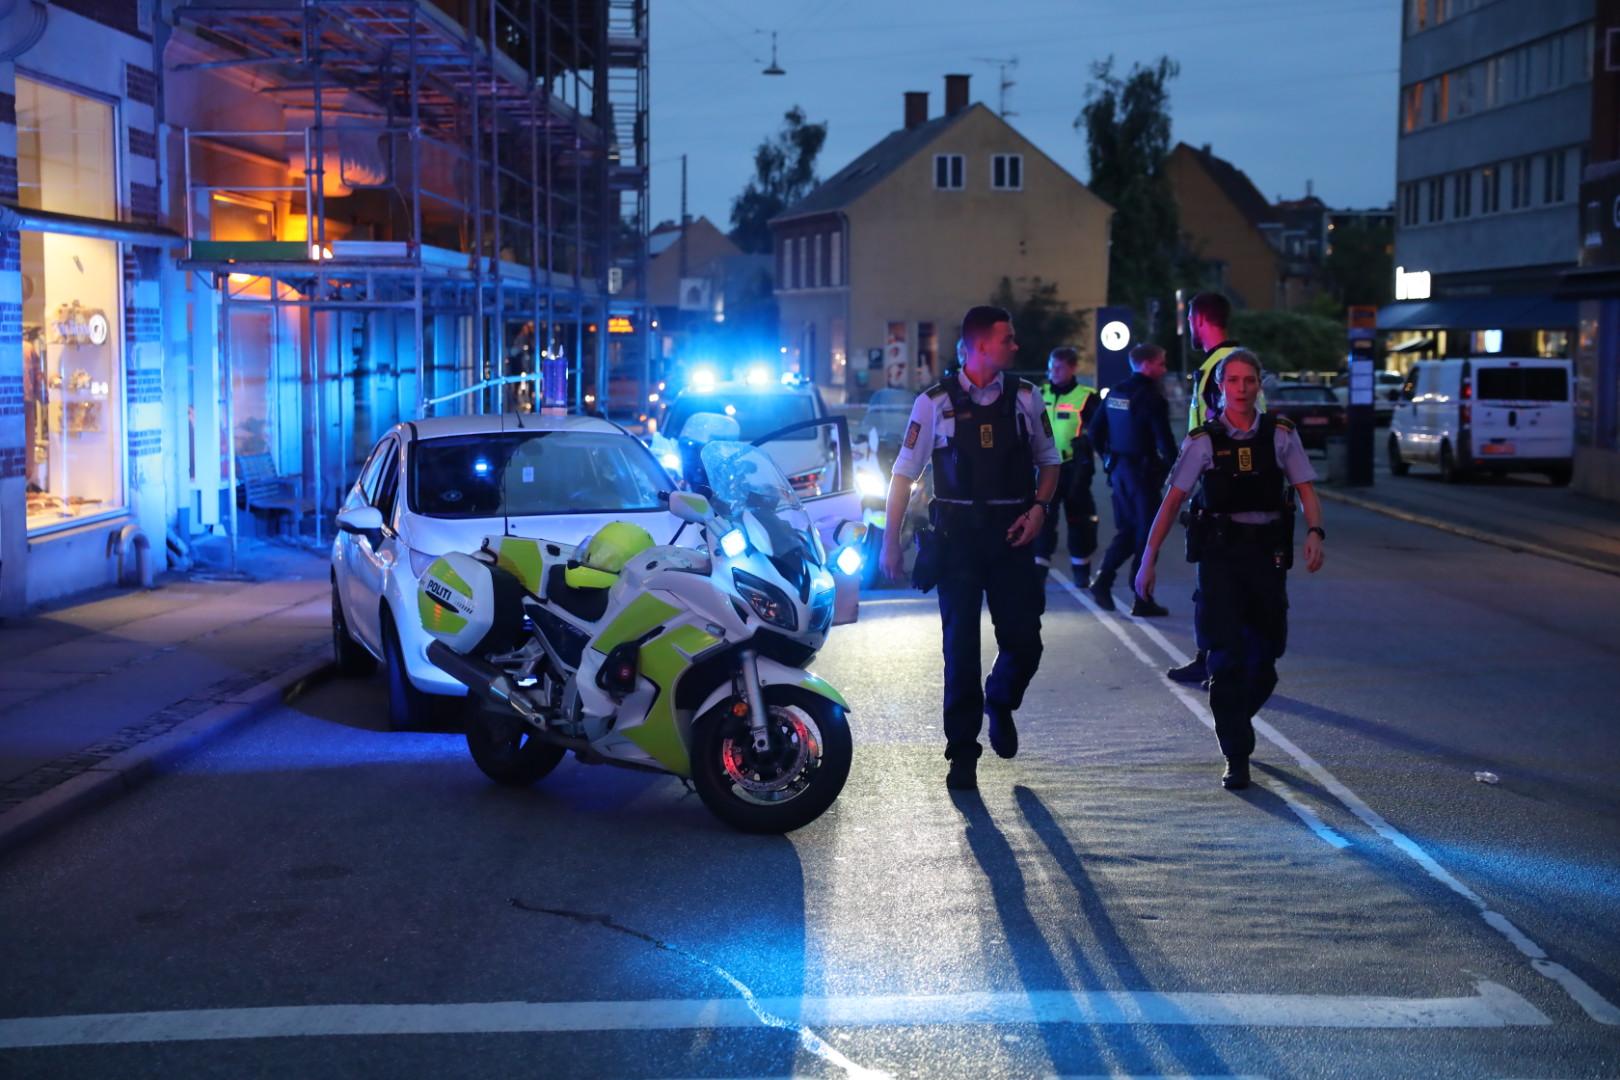 Massivt politi til stede - politiaktion i Valby